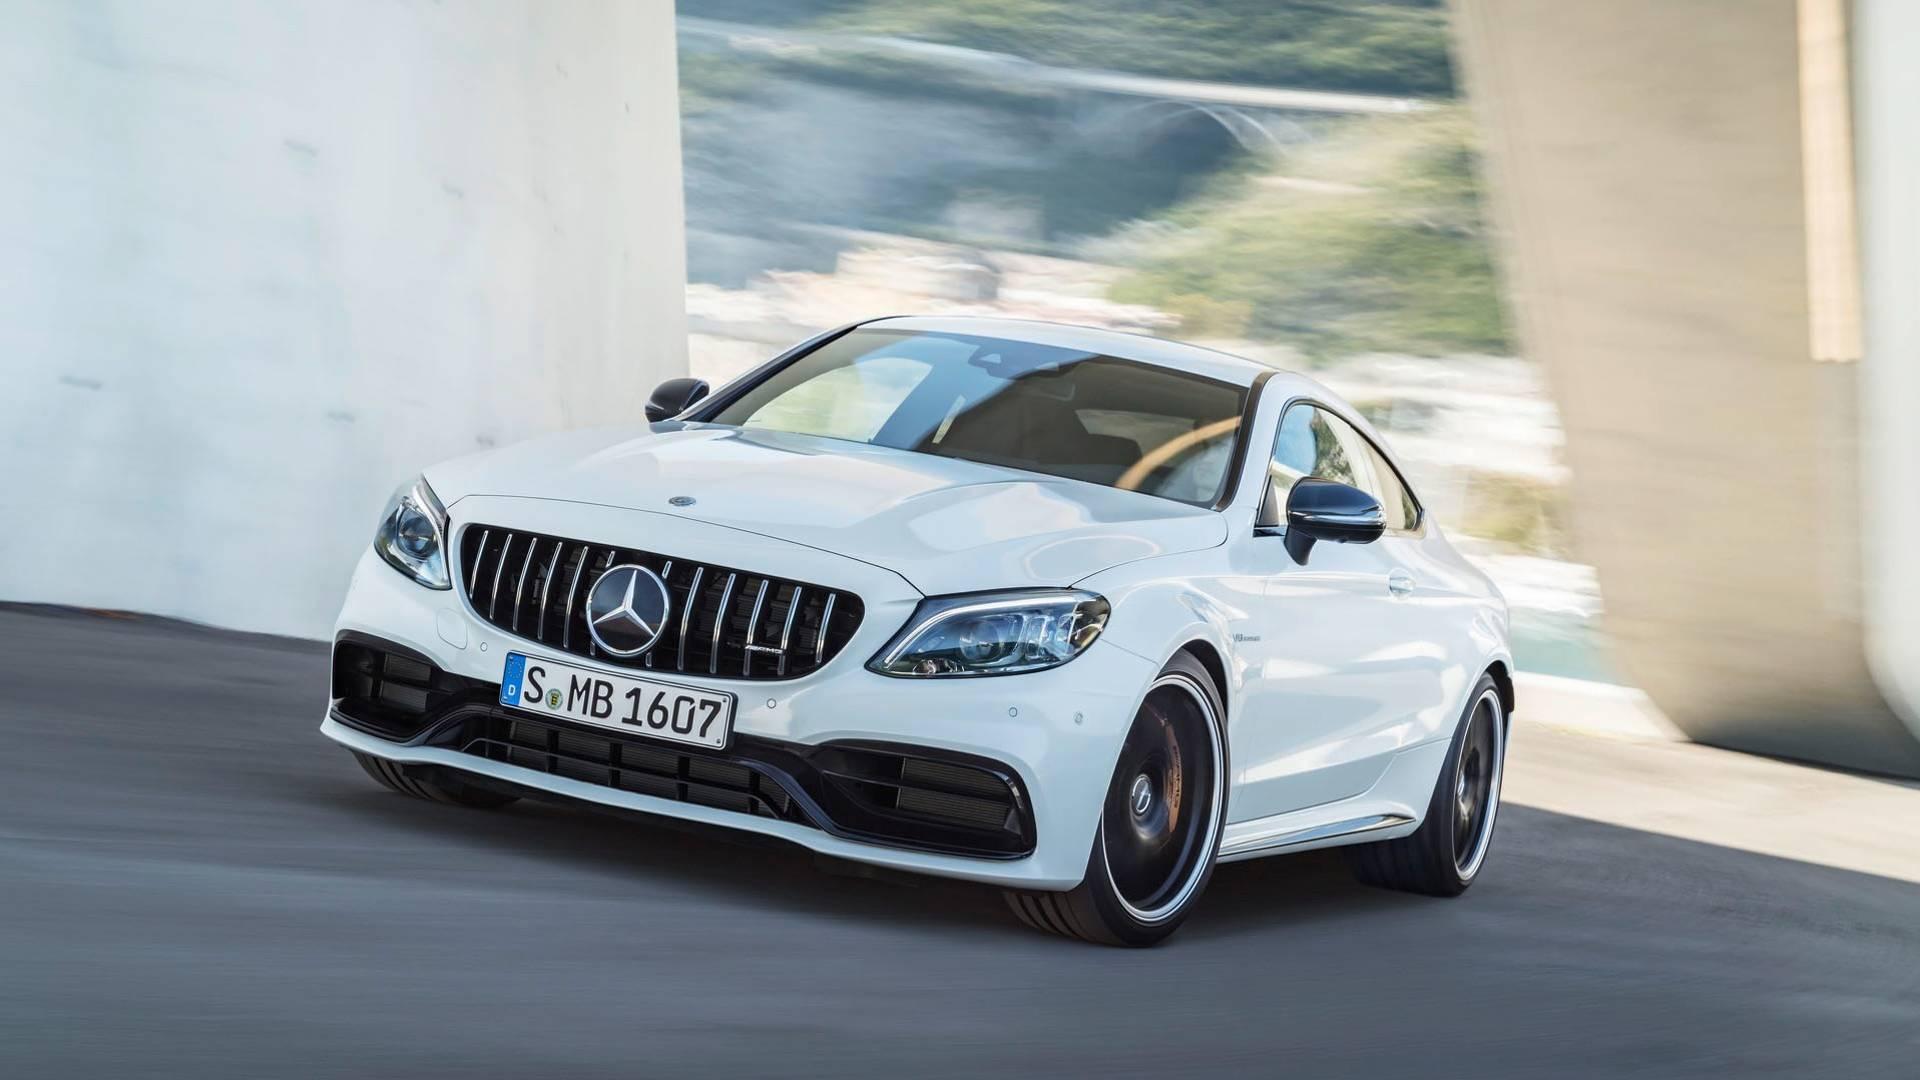 Mercedes Amg C63 2019 Chega Com Ate 510 Cv Por R 555 900